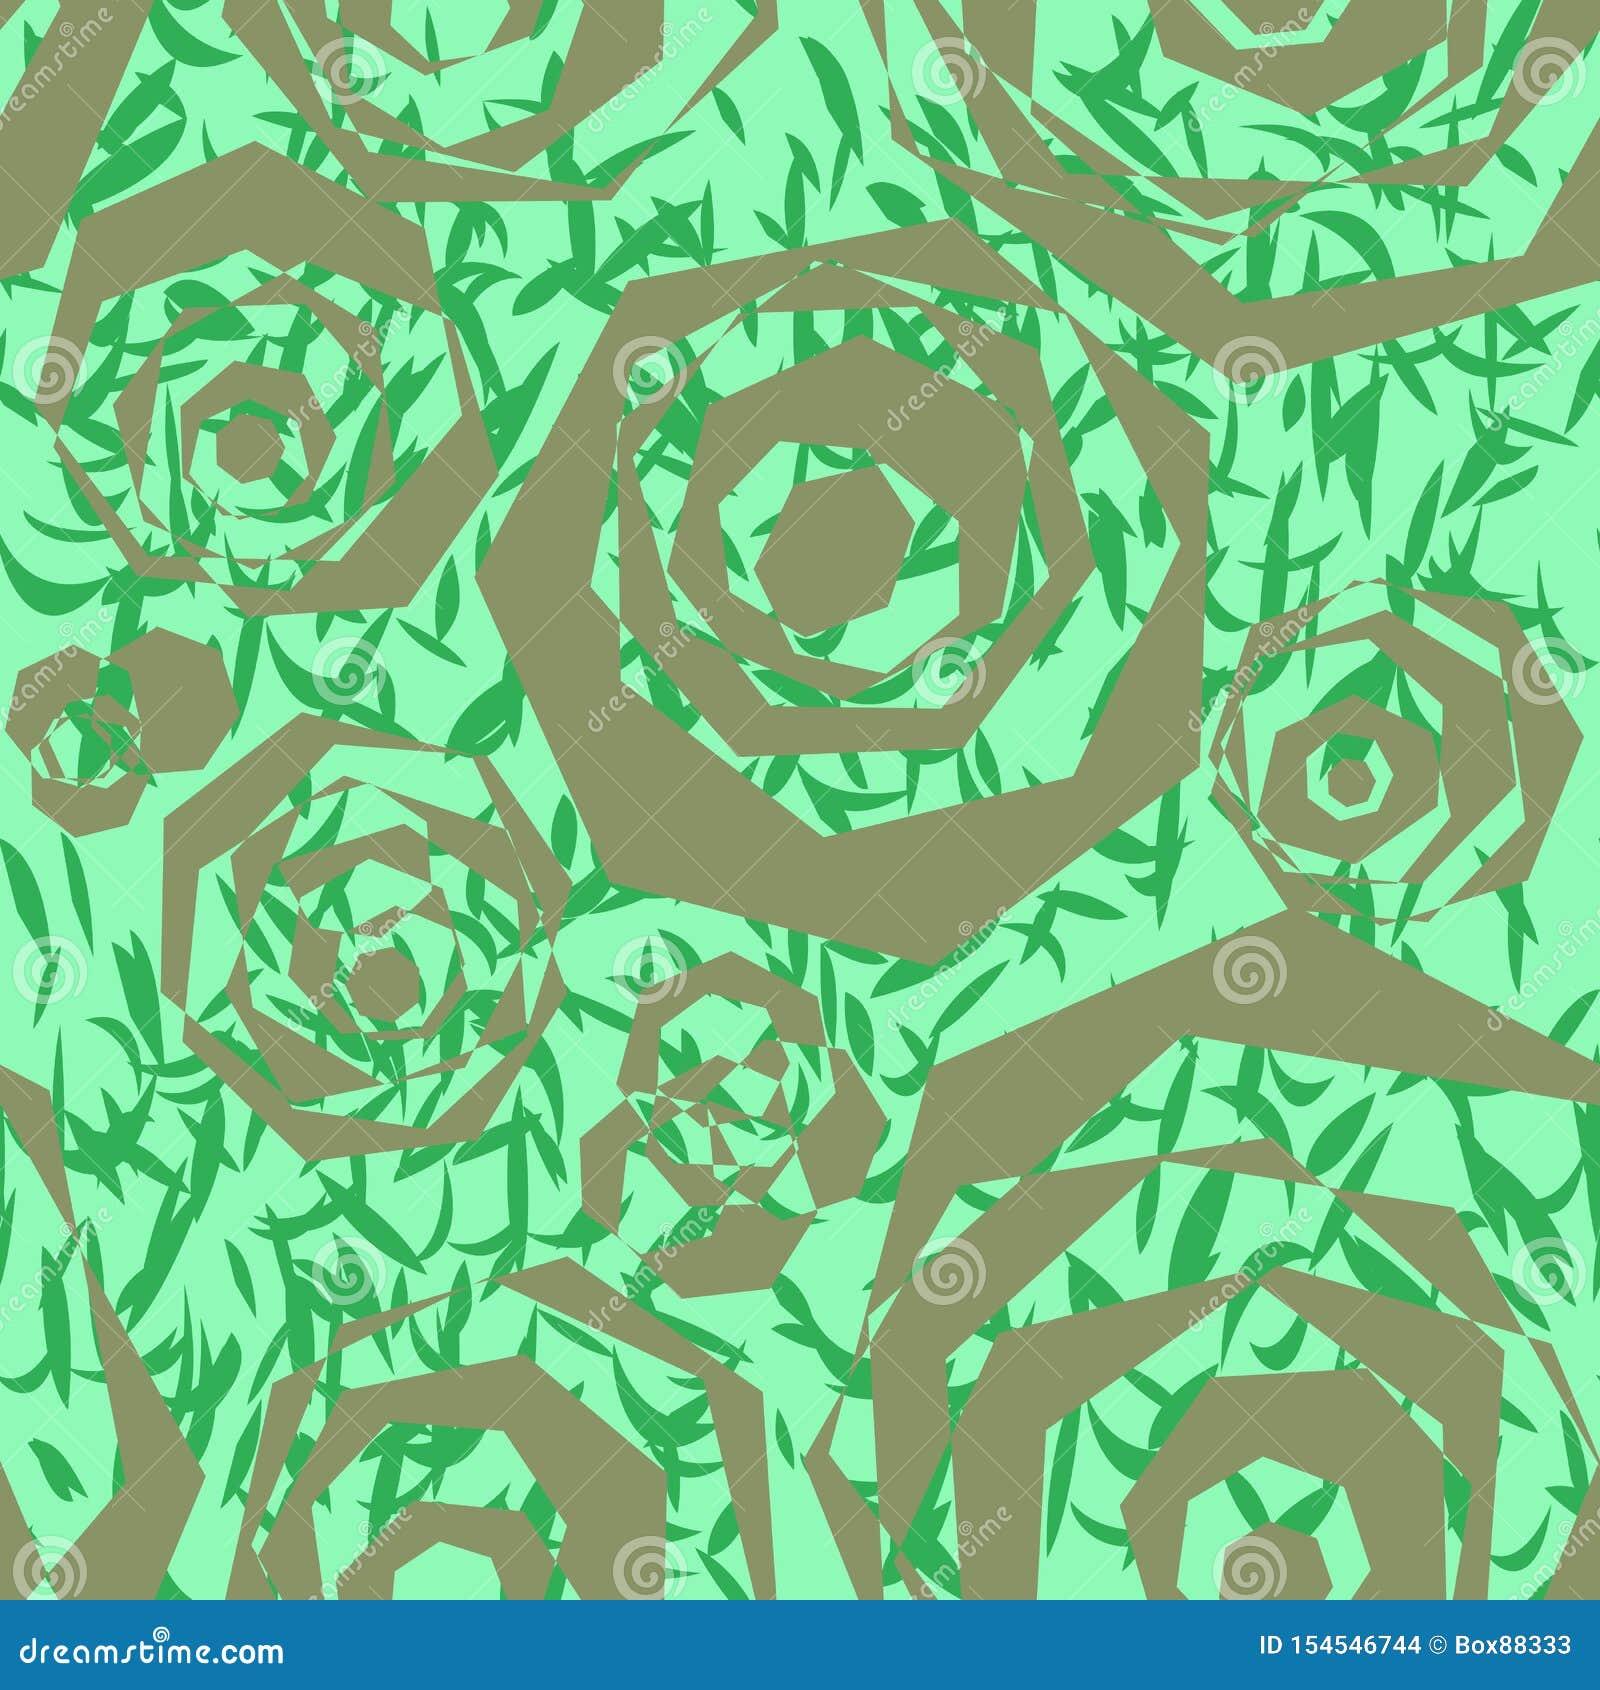 多角形银色元素的无缝抽象样式,相似与风格化玫瑰和绿色叶子